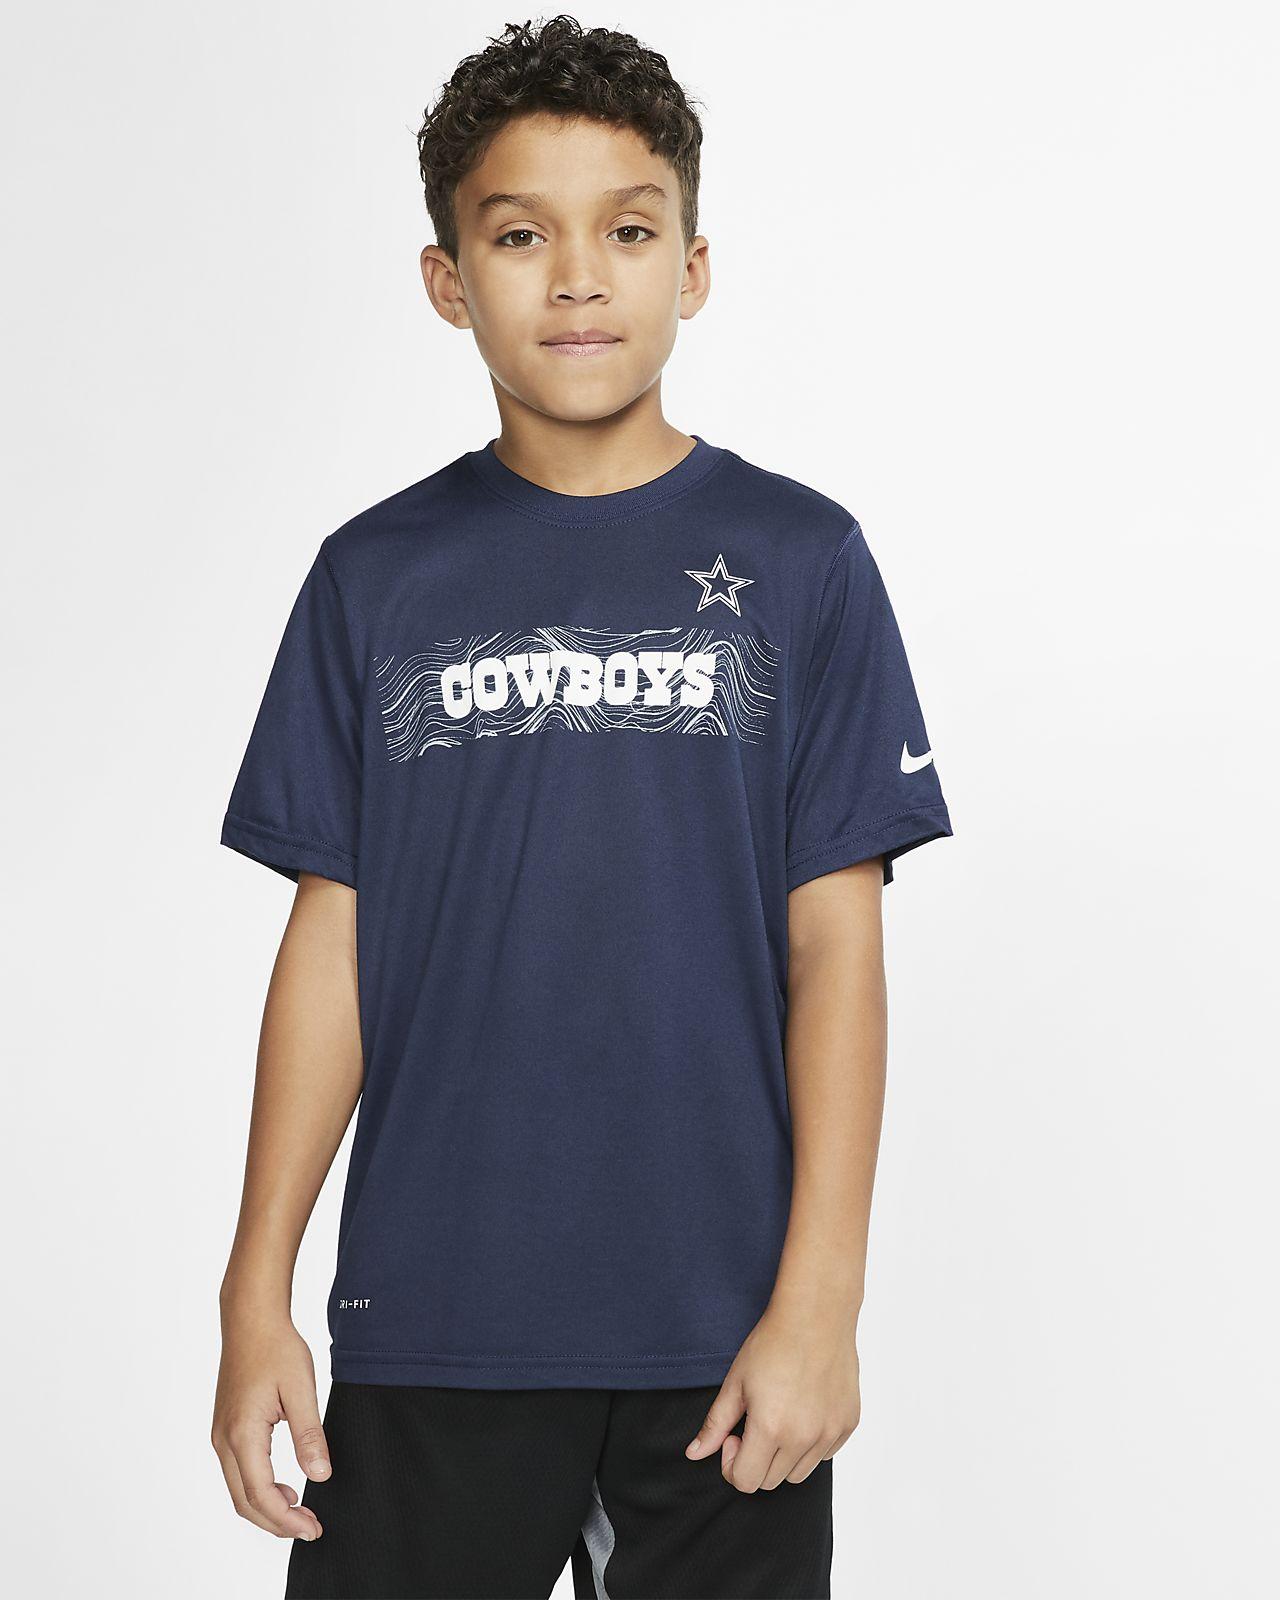 f4e8452e966 NFL Dry Legend Icon (Cowboys) Big Kids' T-Shirt. Nike.com